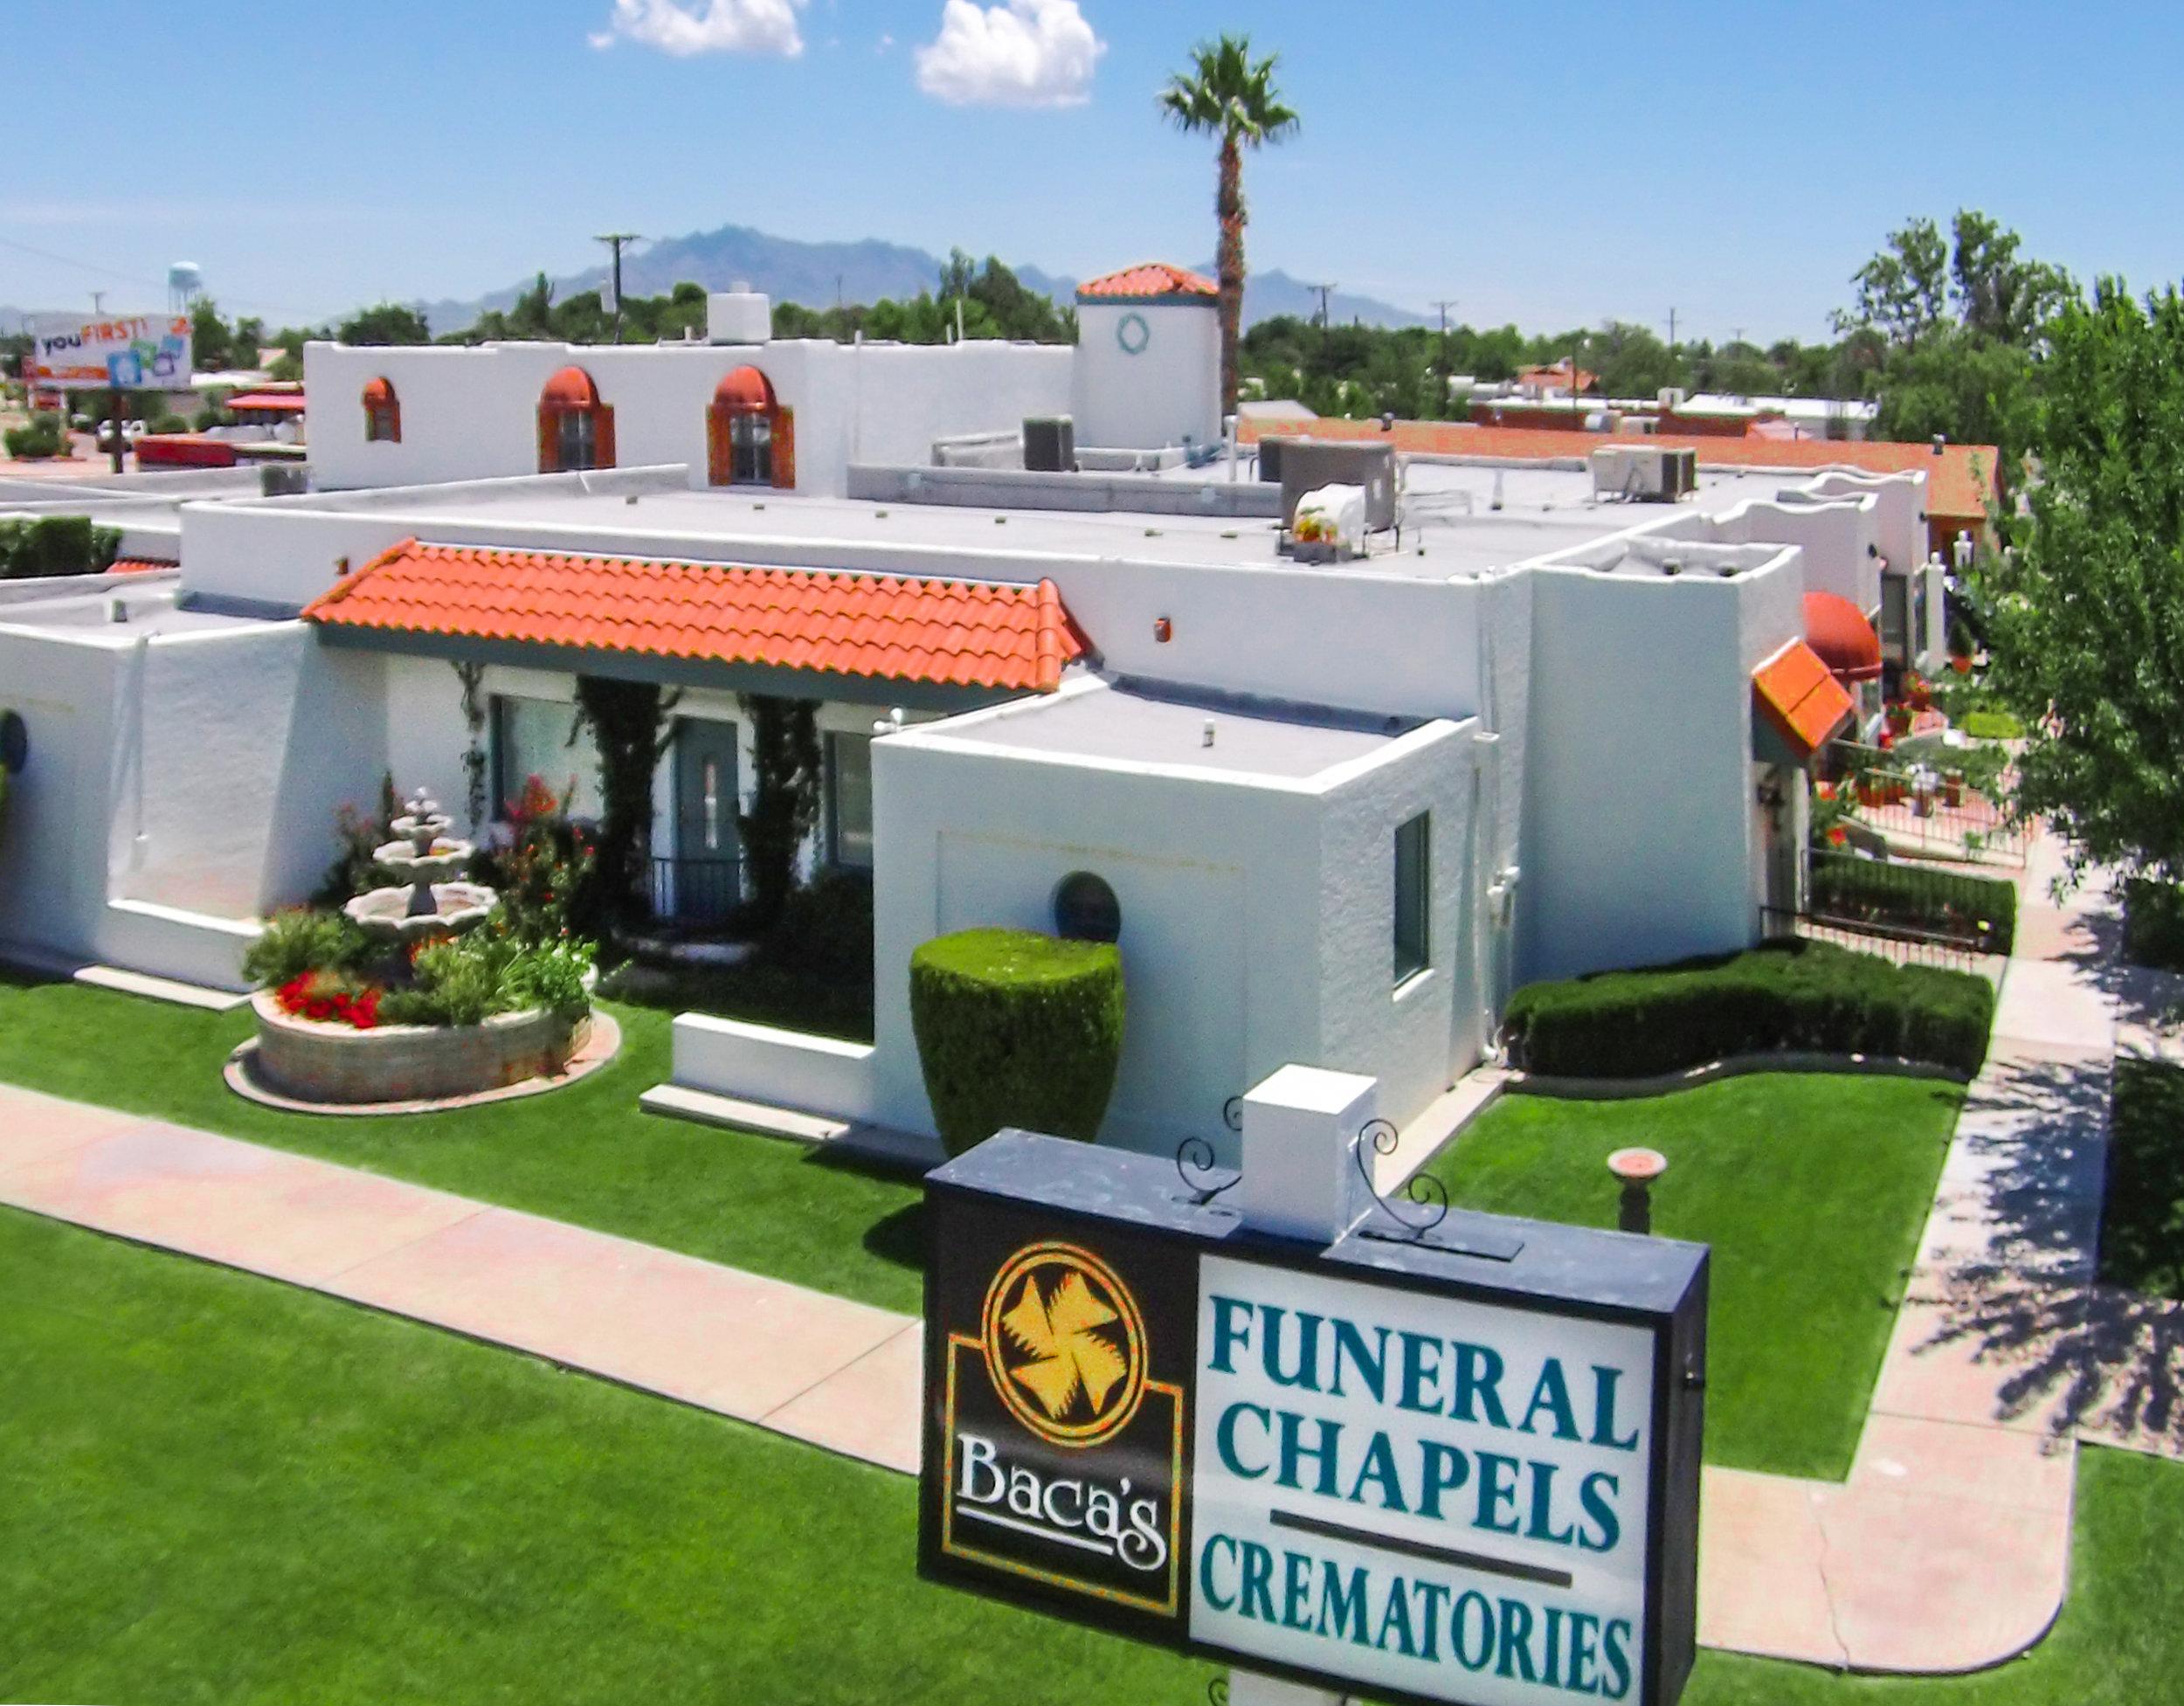 Baca's Funeral Chapels